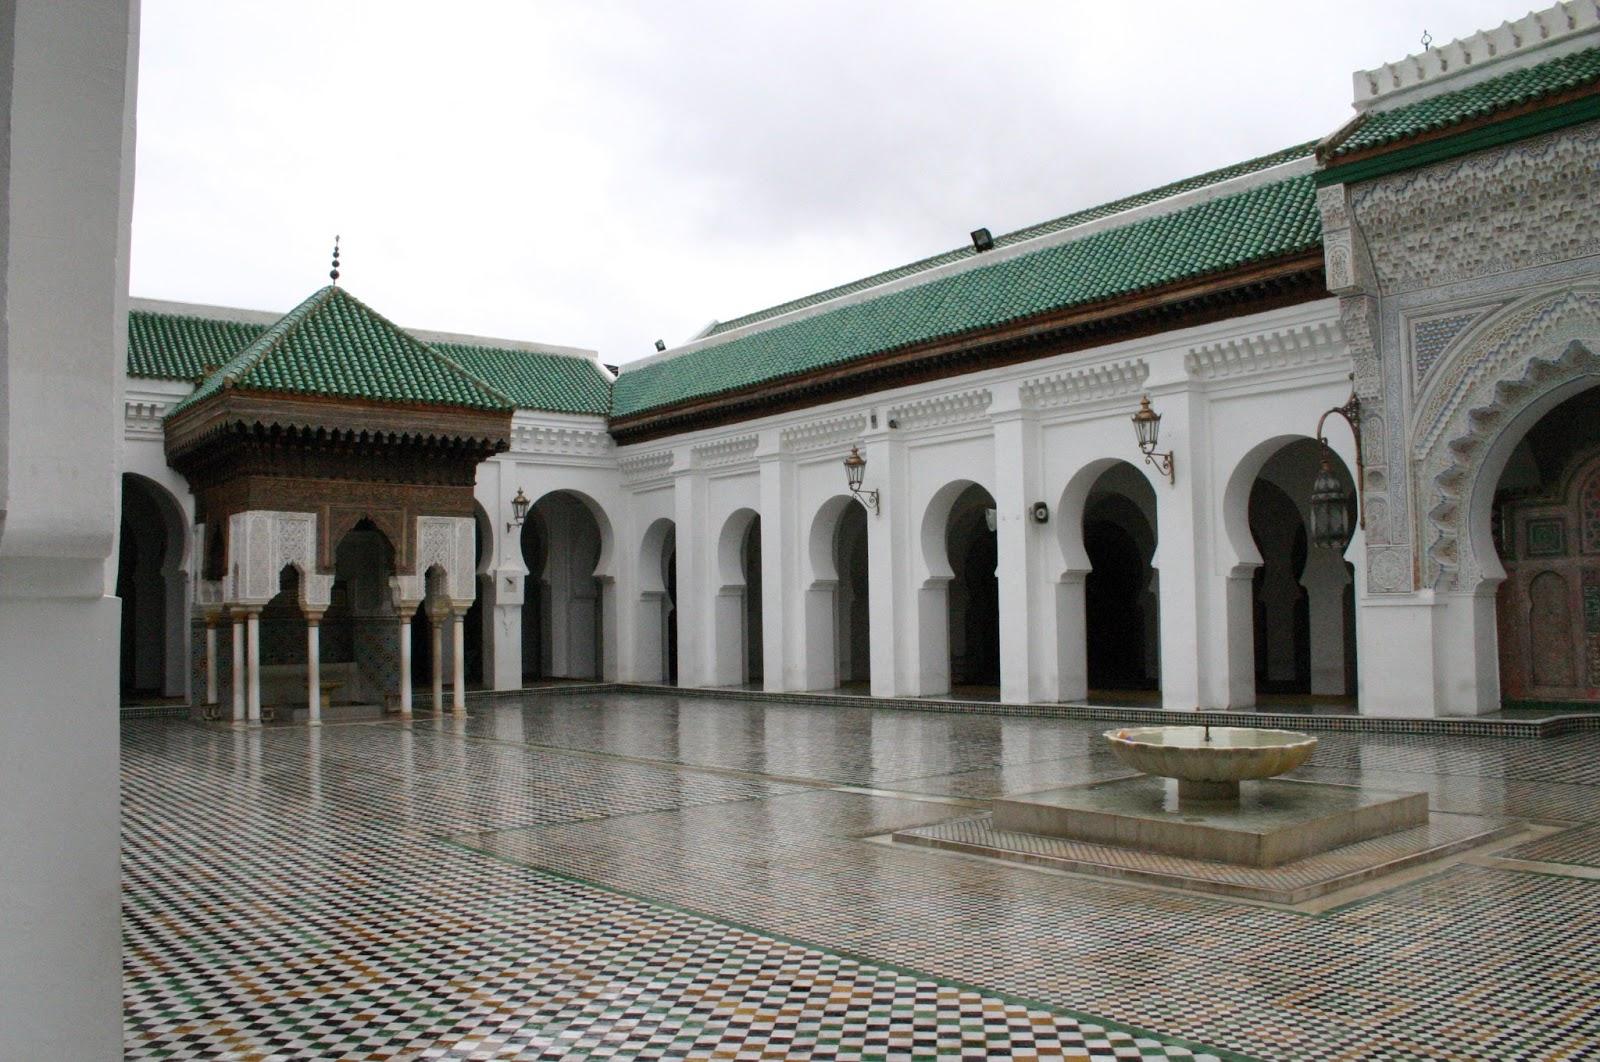 Al-qarawiyyin founded by Fatima Fihria